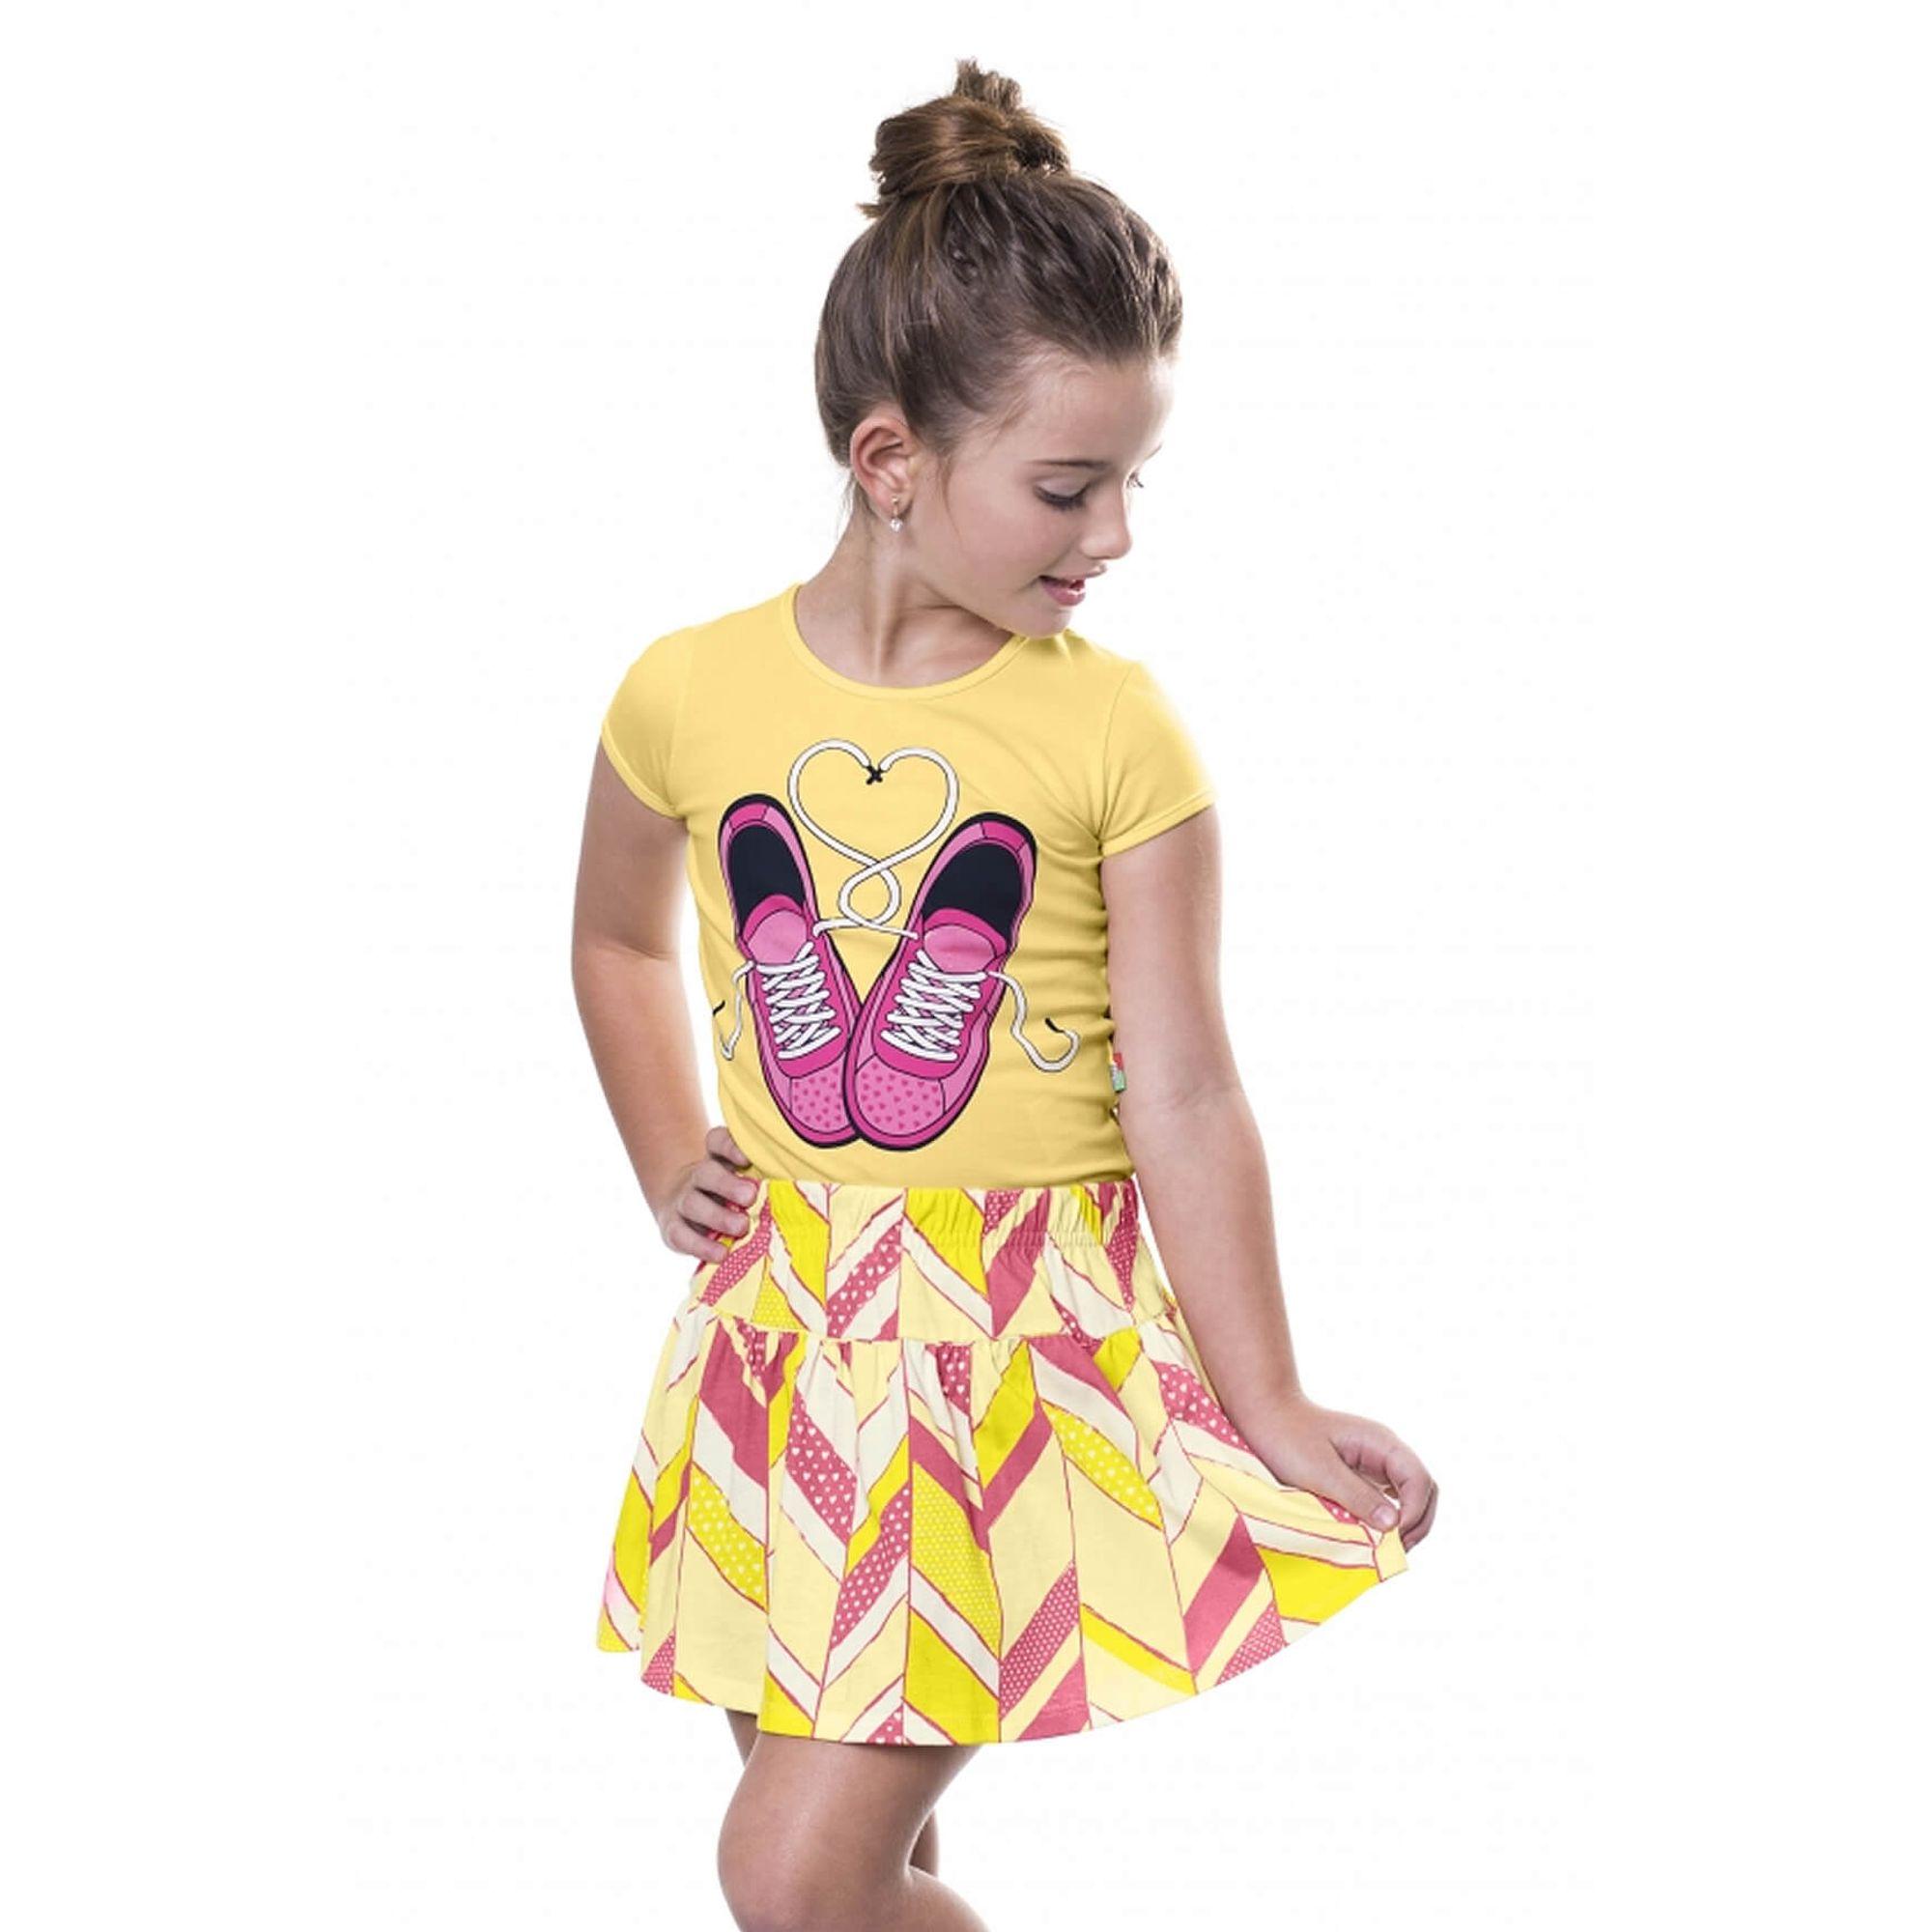 77b11c2e0f Conjunto Menina Blusa Amarela Tênis Pink e Saia Rodas em Malha - Bee Loop -  EcaMeleca